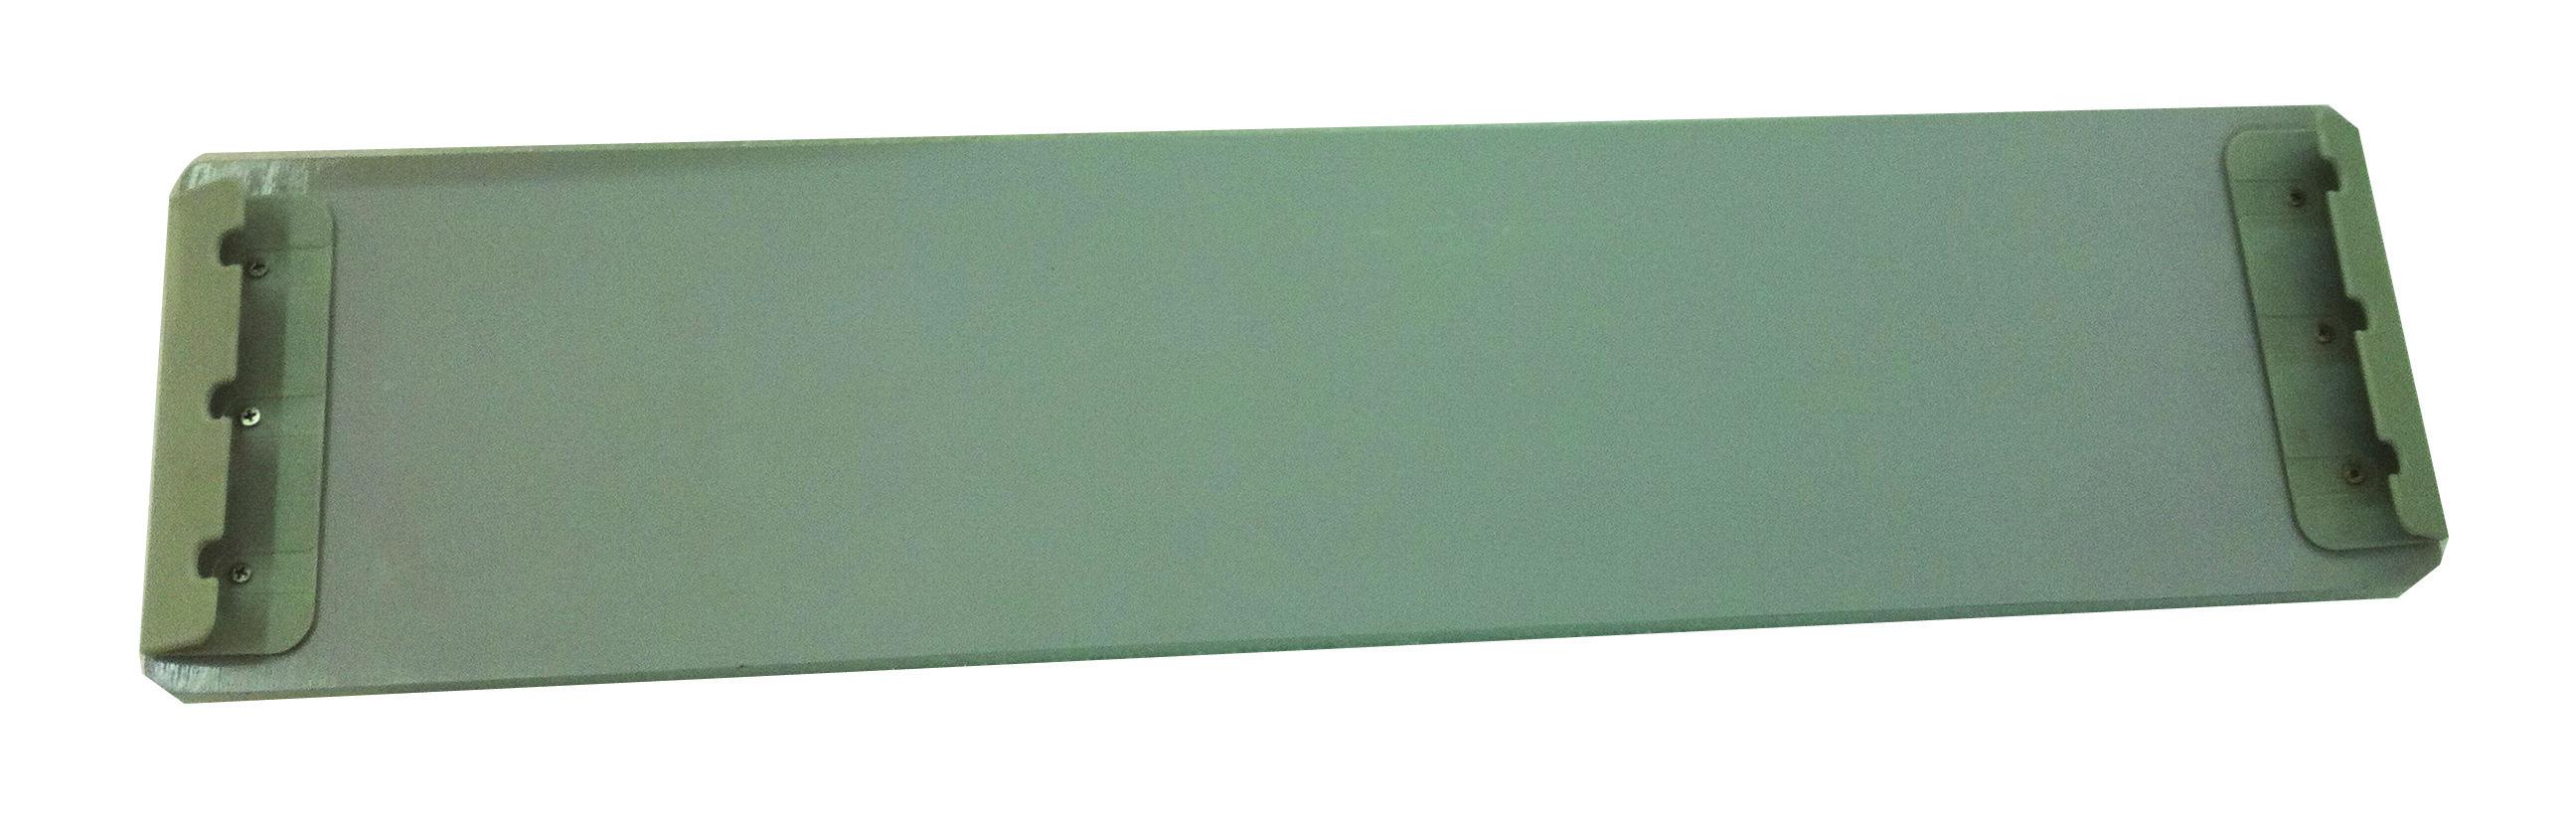 35.44 - Σανίδα Καθίσματος Ξύλινη Με Γάντζους Για Φουσκωτά Σκάφη Μήκους 3m Έως 3,3m